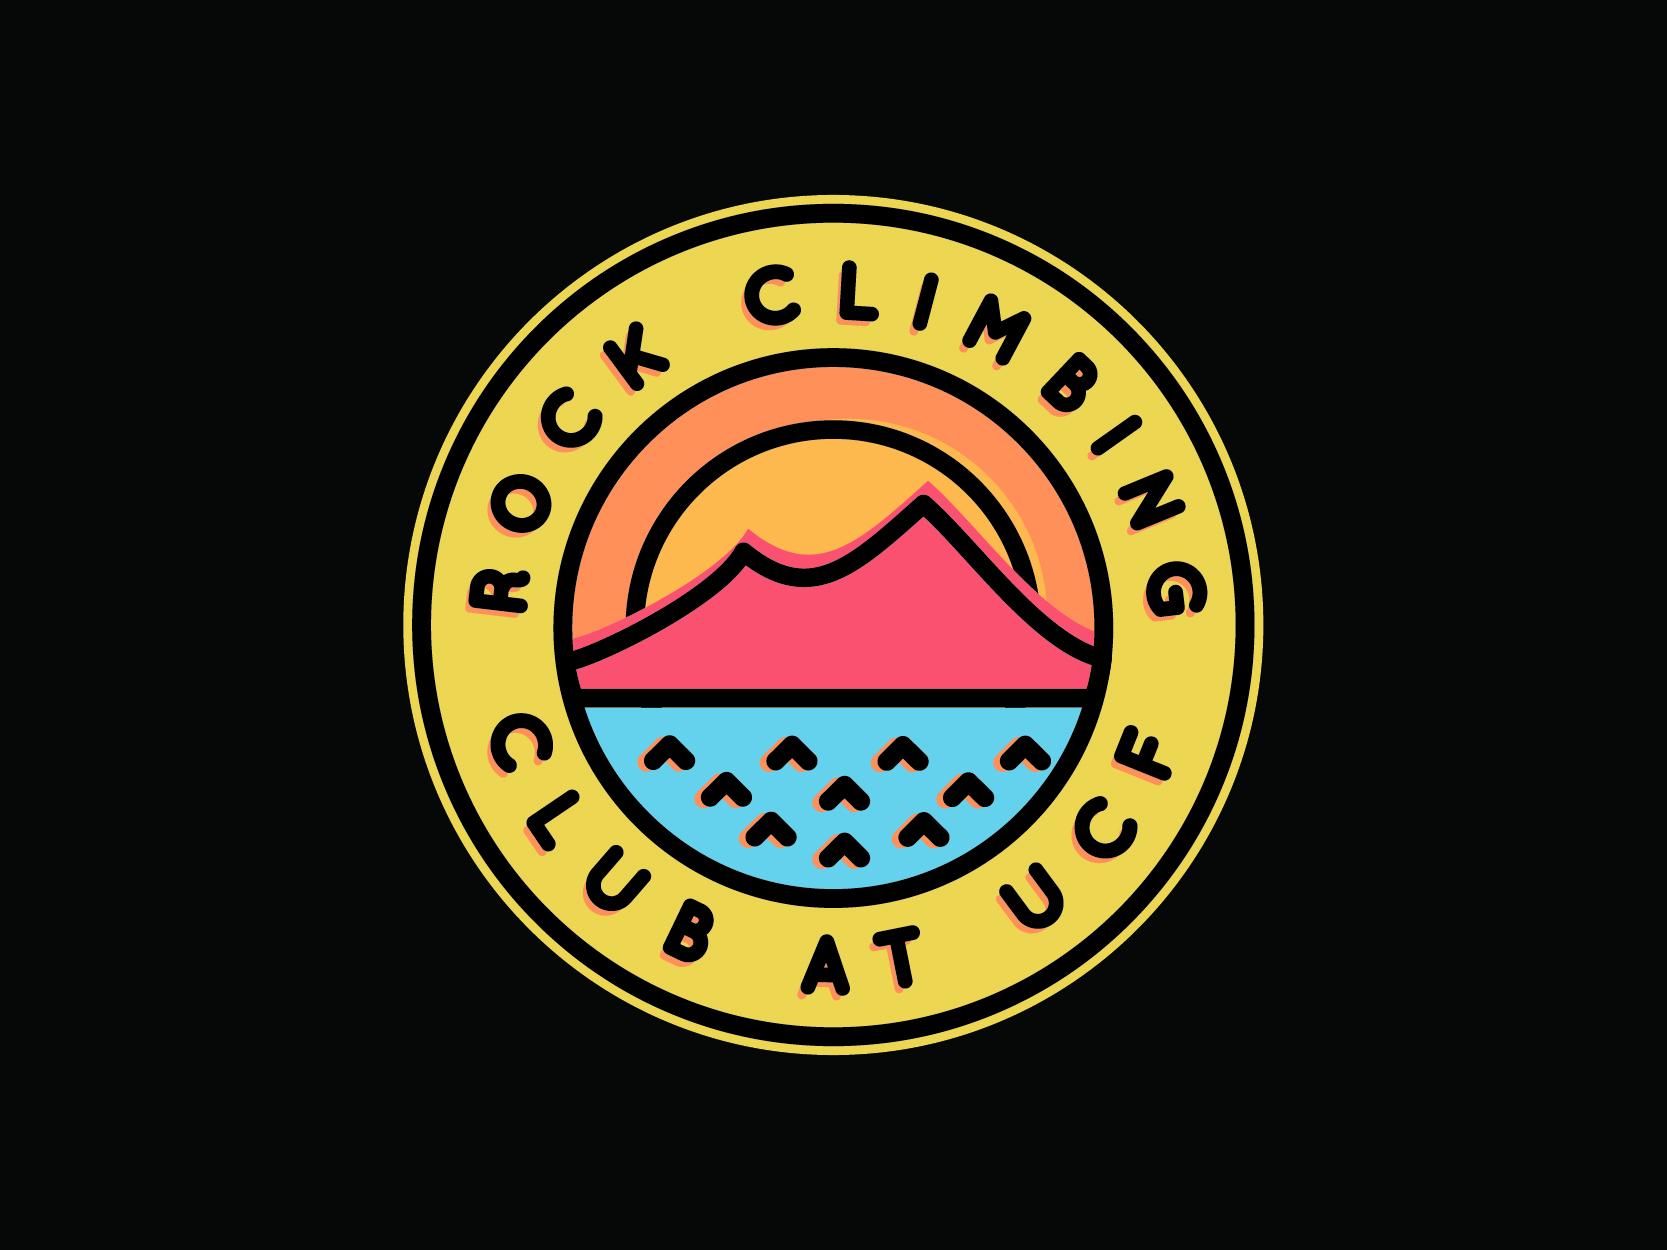 Rock climbing club logo final 01